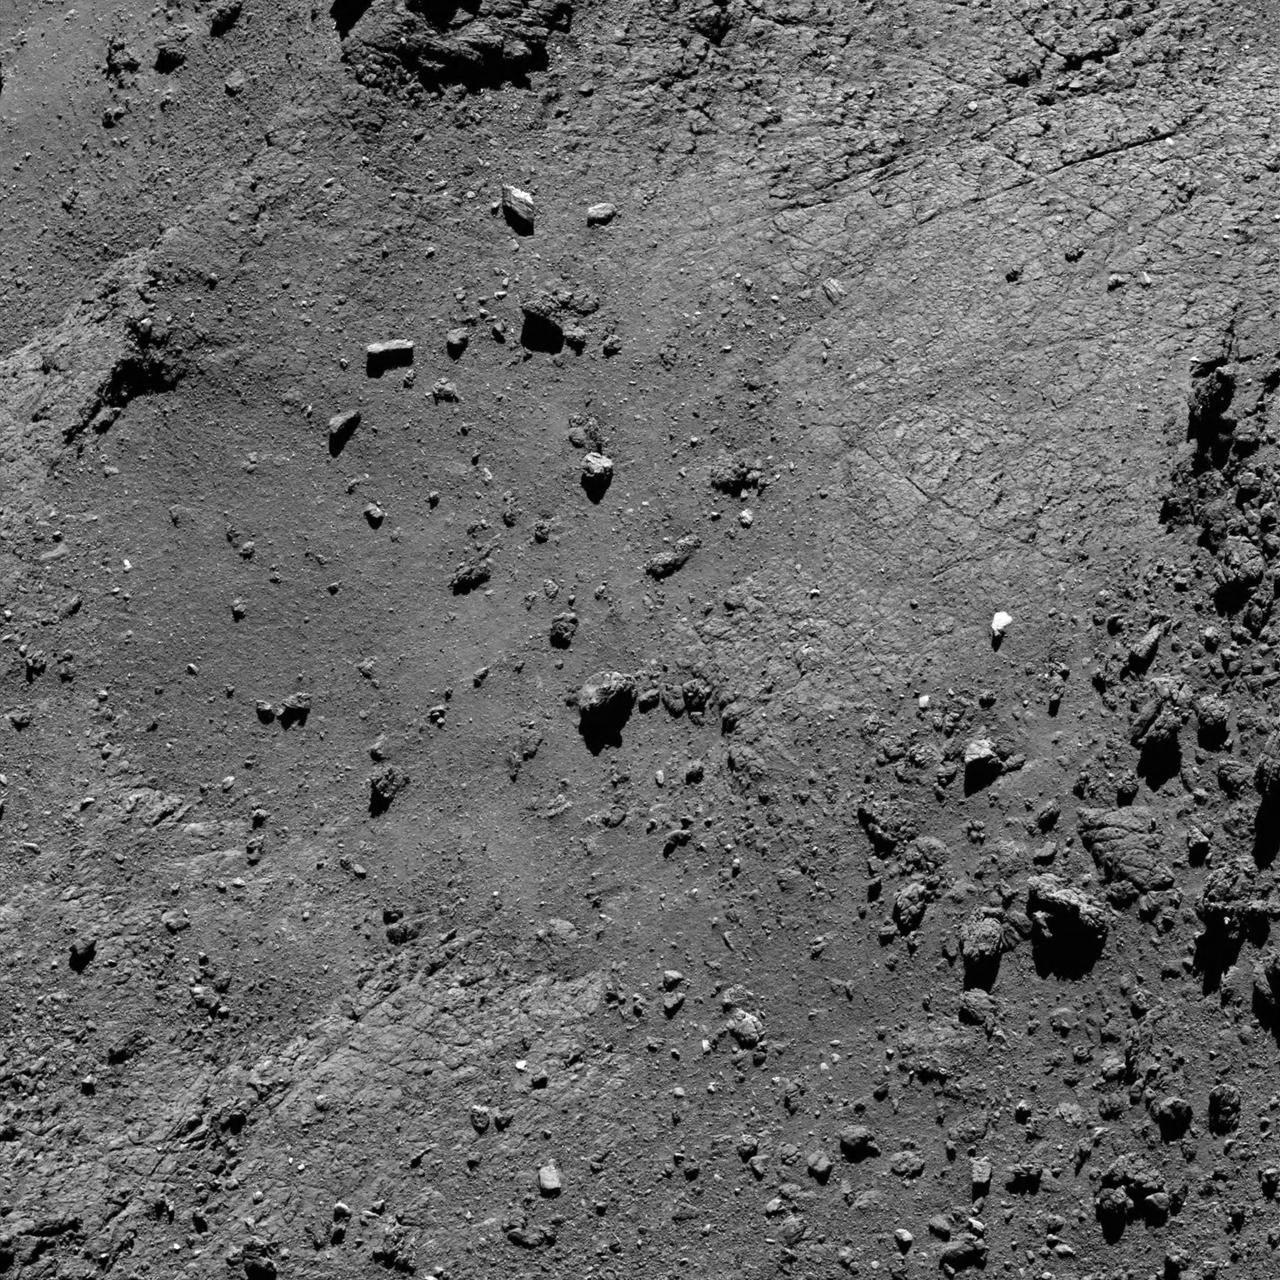 1567213884736-Rosetta_OSIRIS_NAC_20160815T193748_ID20F22_1280.jpg